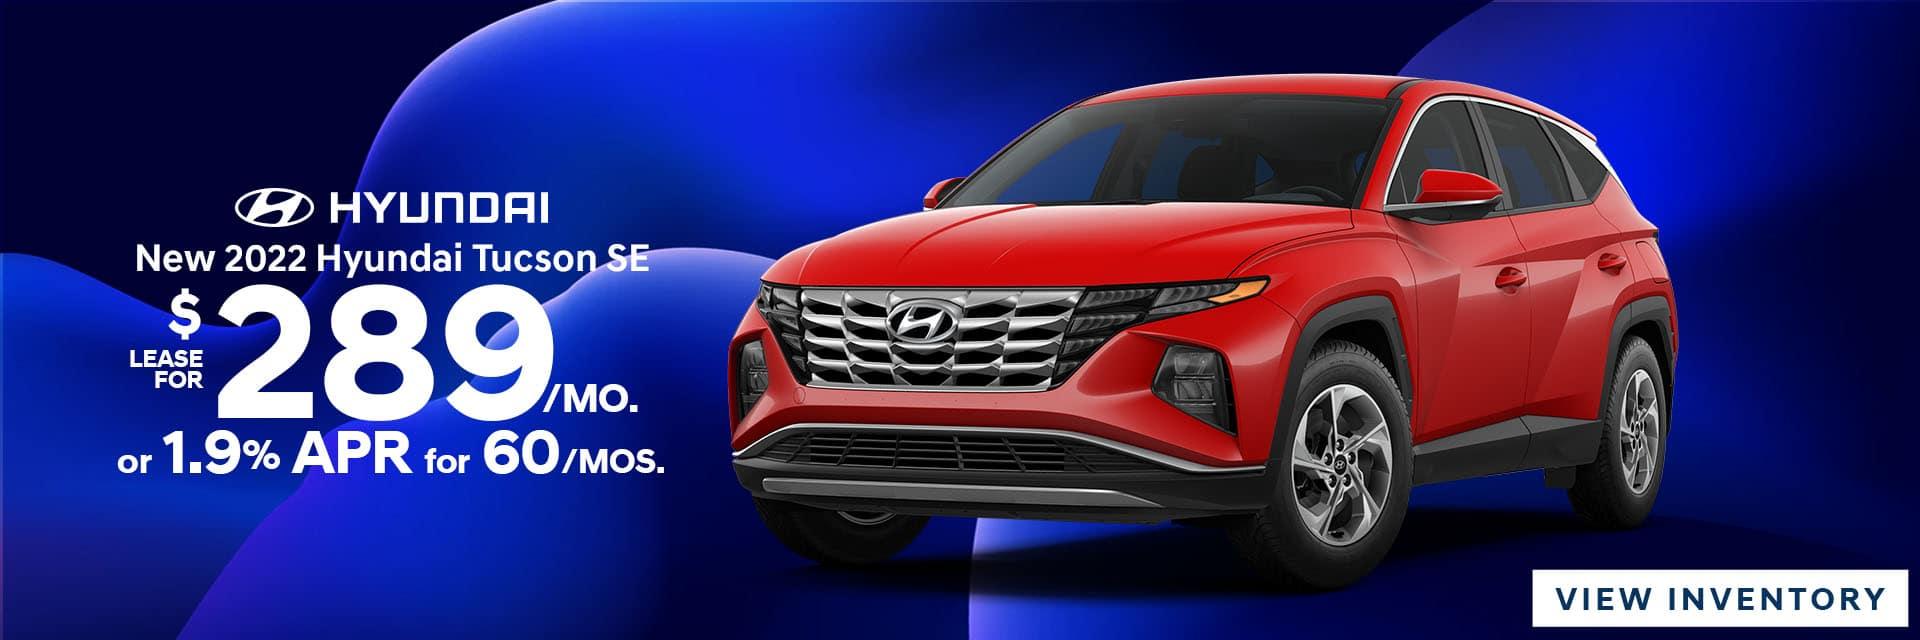 CHOH-September 20212021 Hyundai Tucson copy